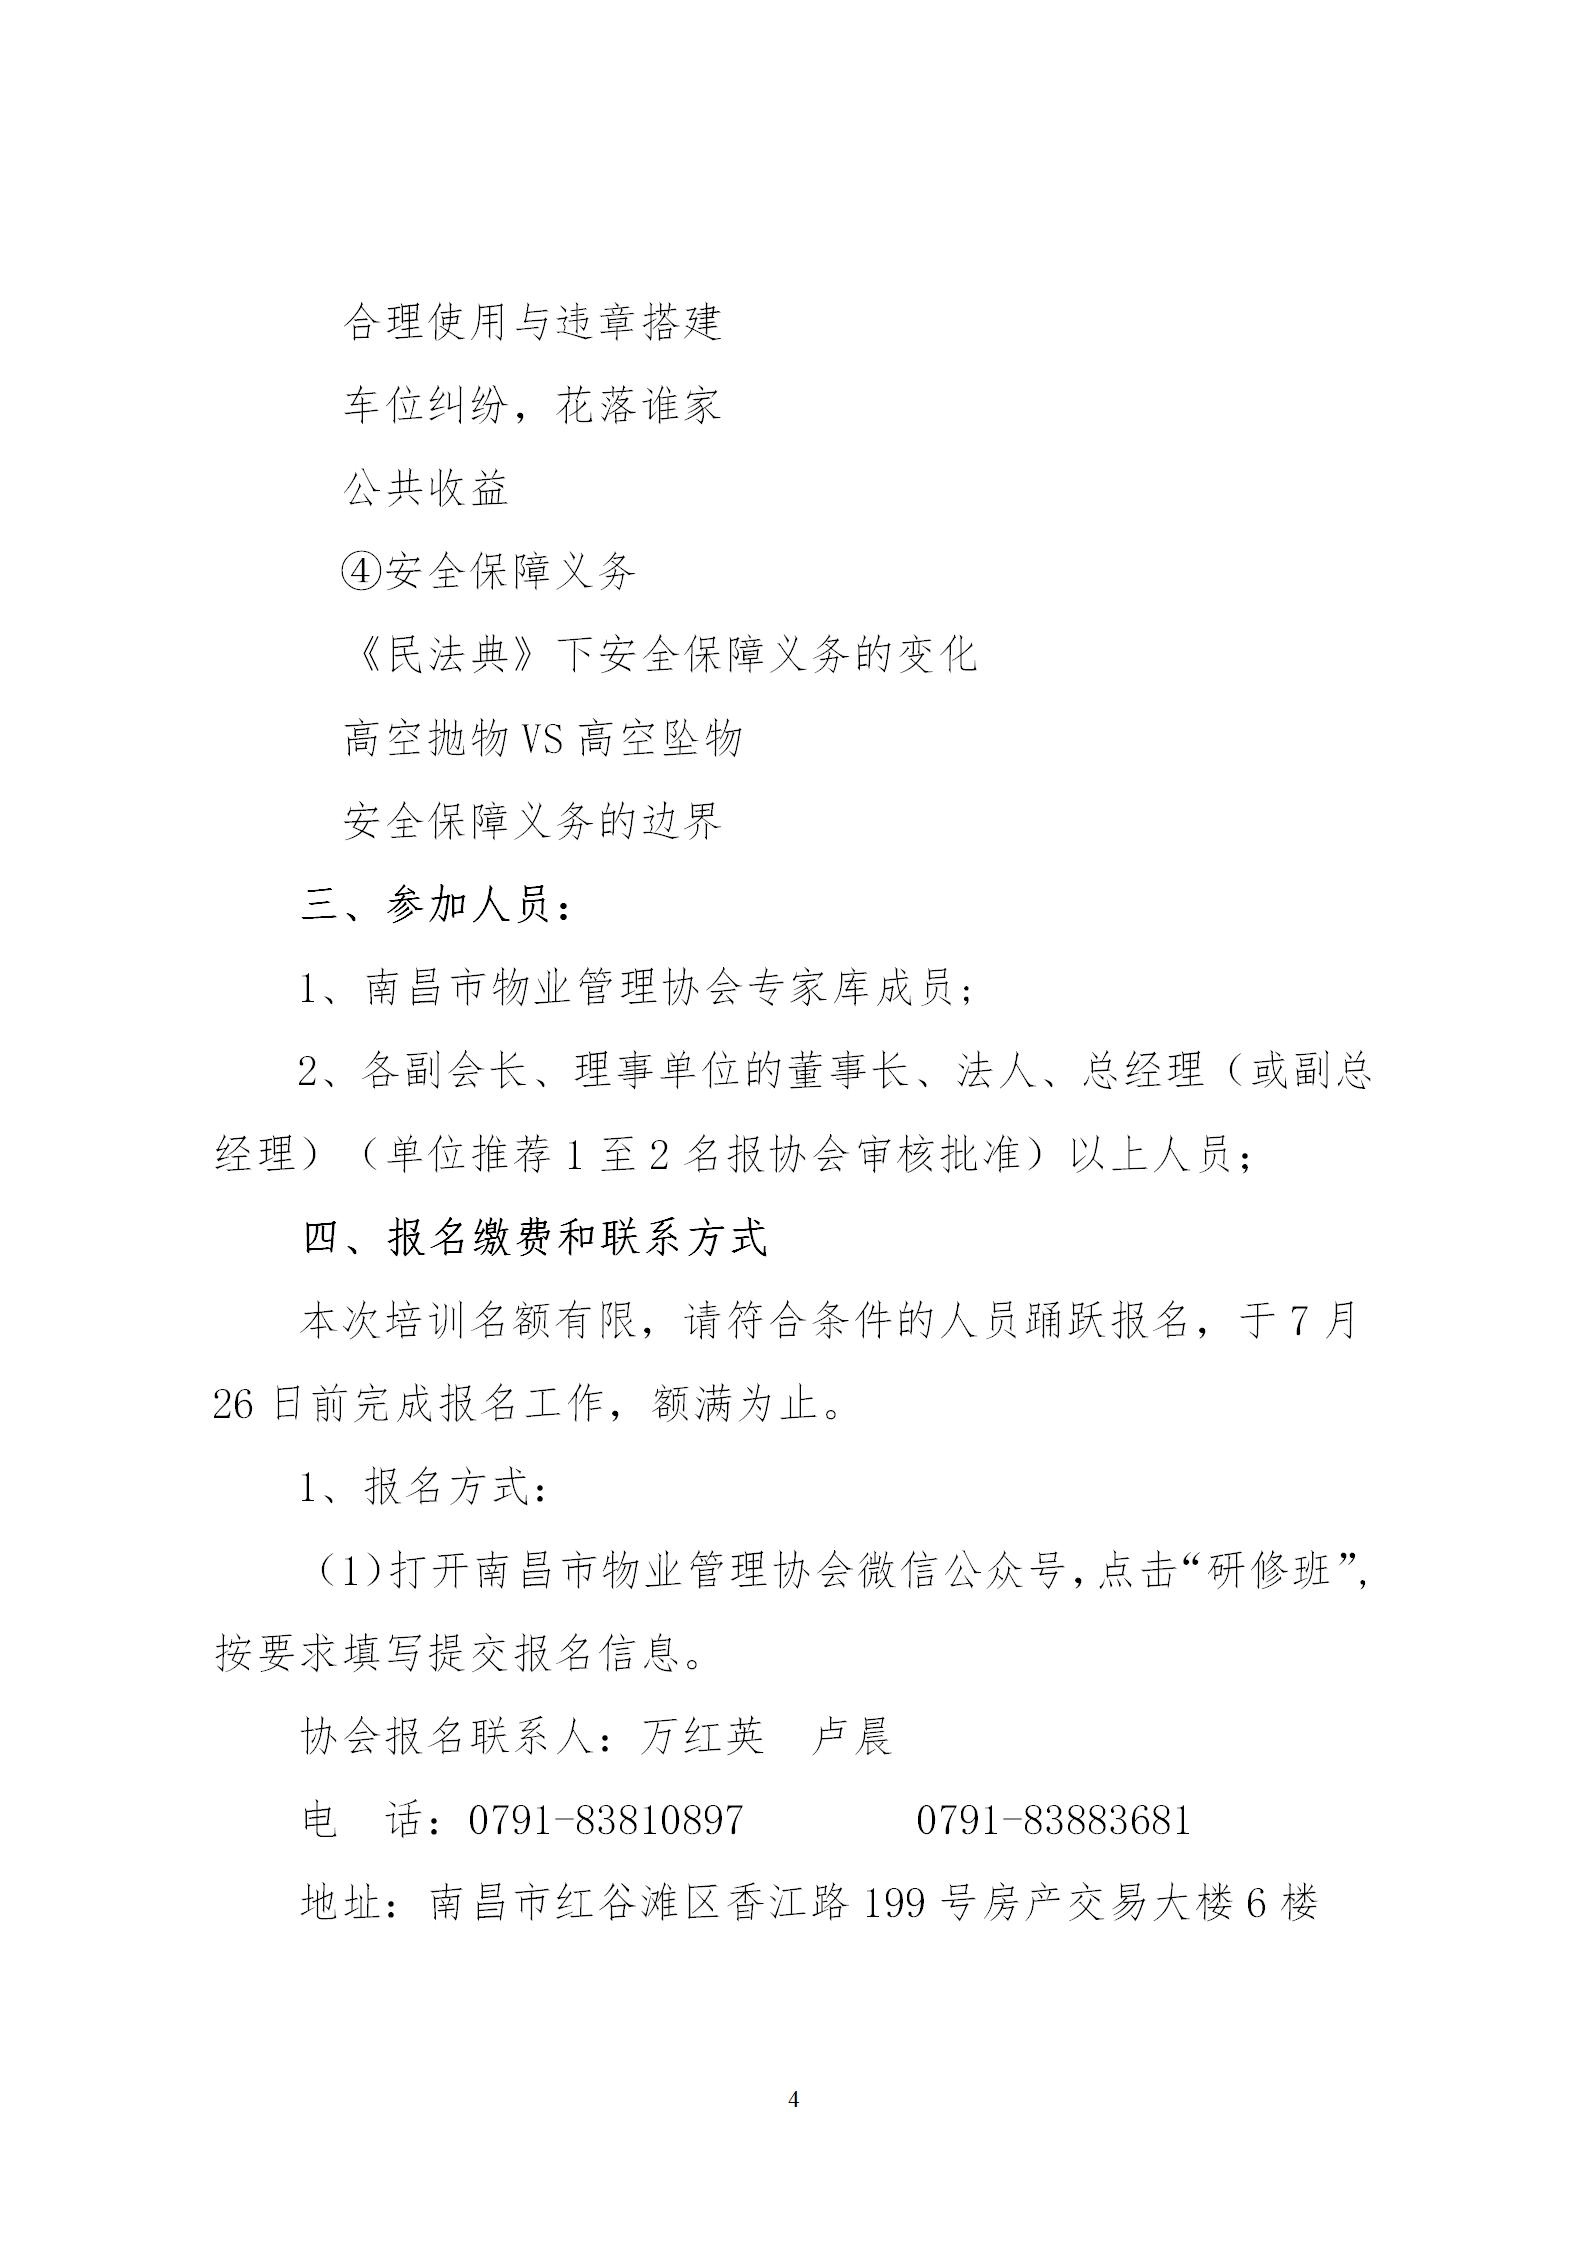 洪物协字[2020]13号关于举办南昌市物业管理行业专家高级研修班的通知_04.png